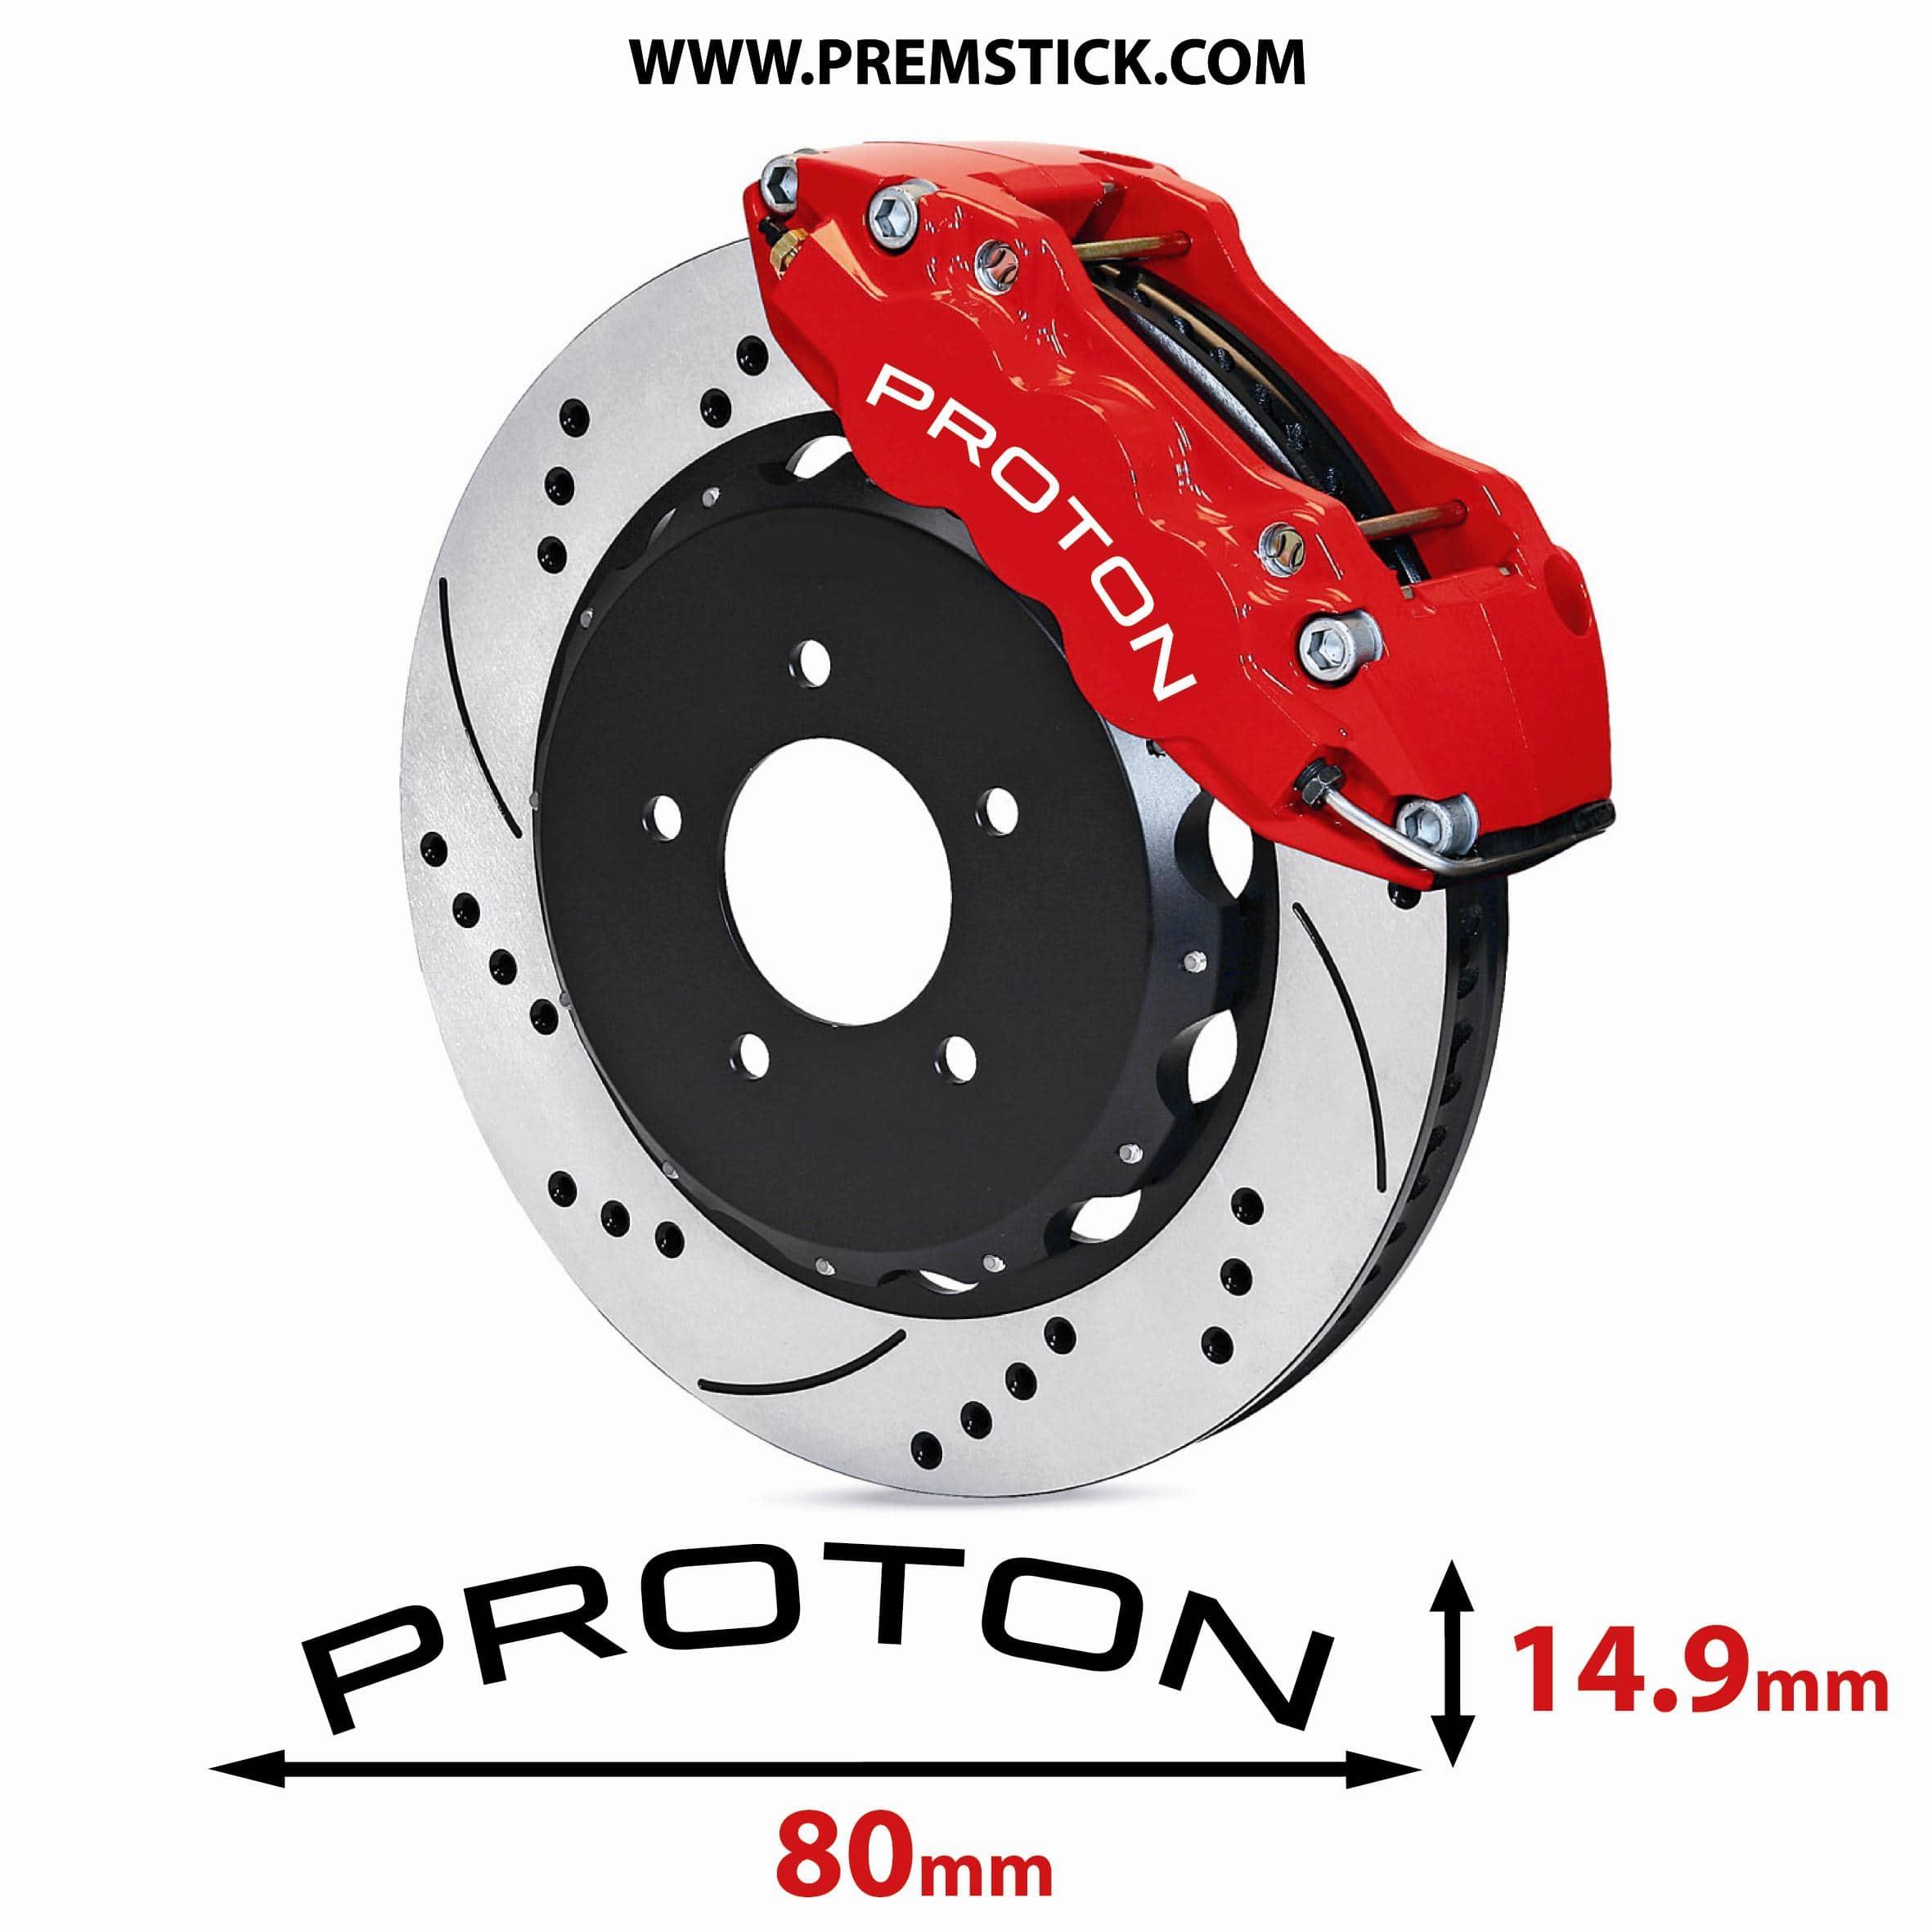 stickers-etrier-de-frein-proton-ref2-autocollant-etriers-freins-logo-voiture-sticker-adhesif-auto-car-disque-plaquette-pneu-jantes-racing-tuning-sponsors-sport-min